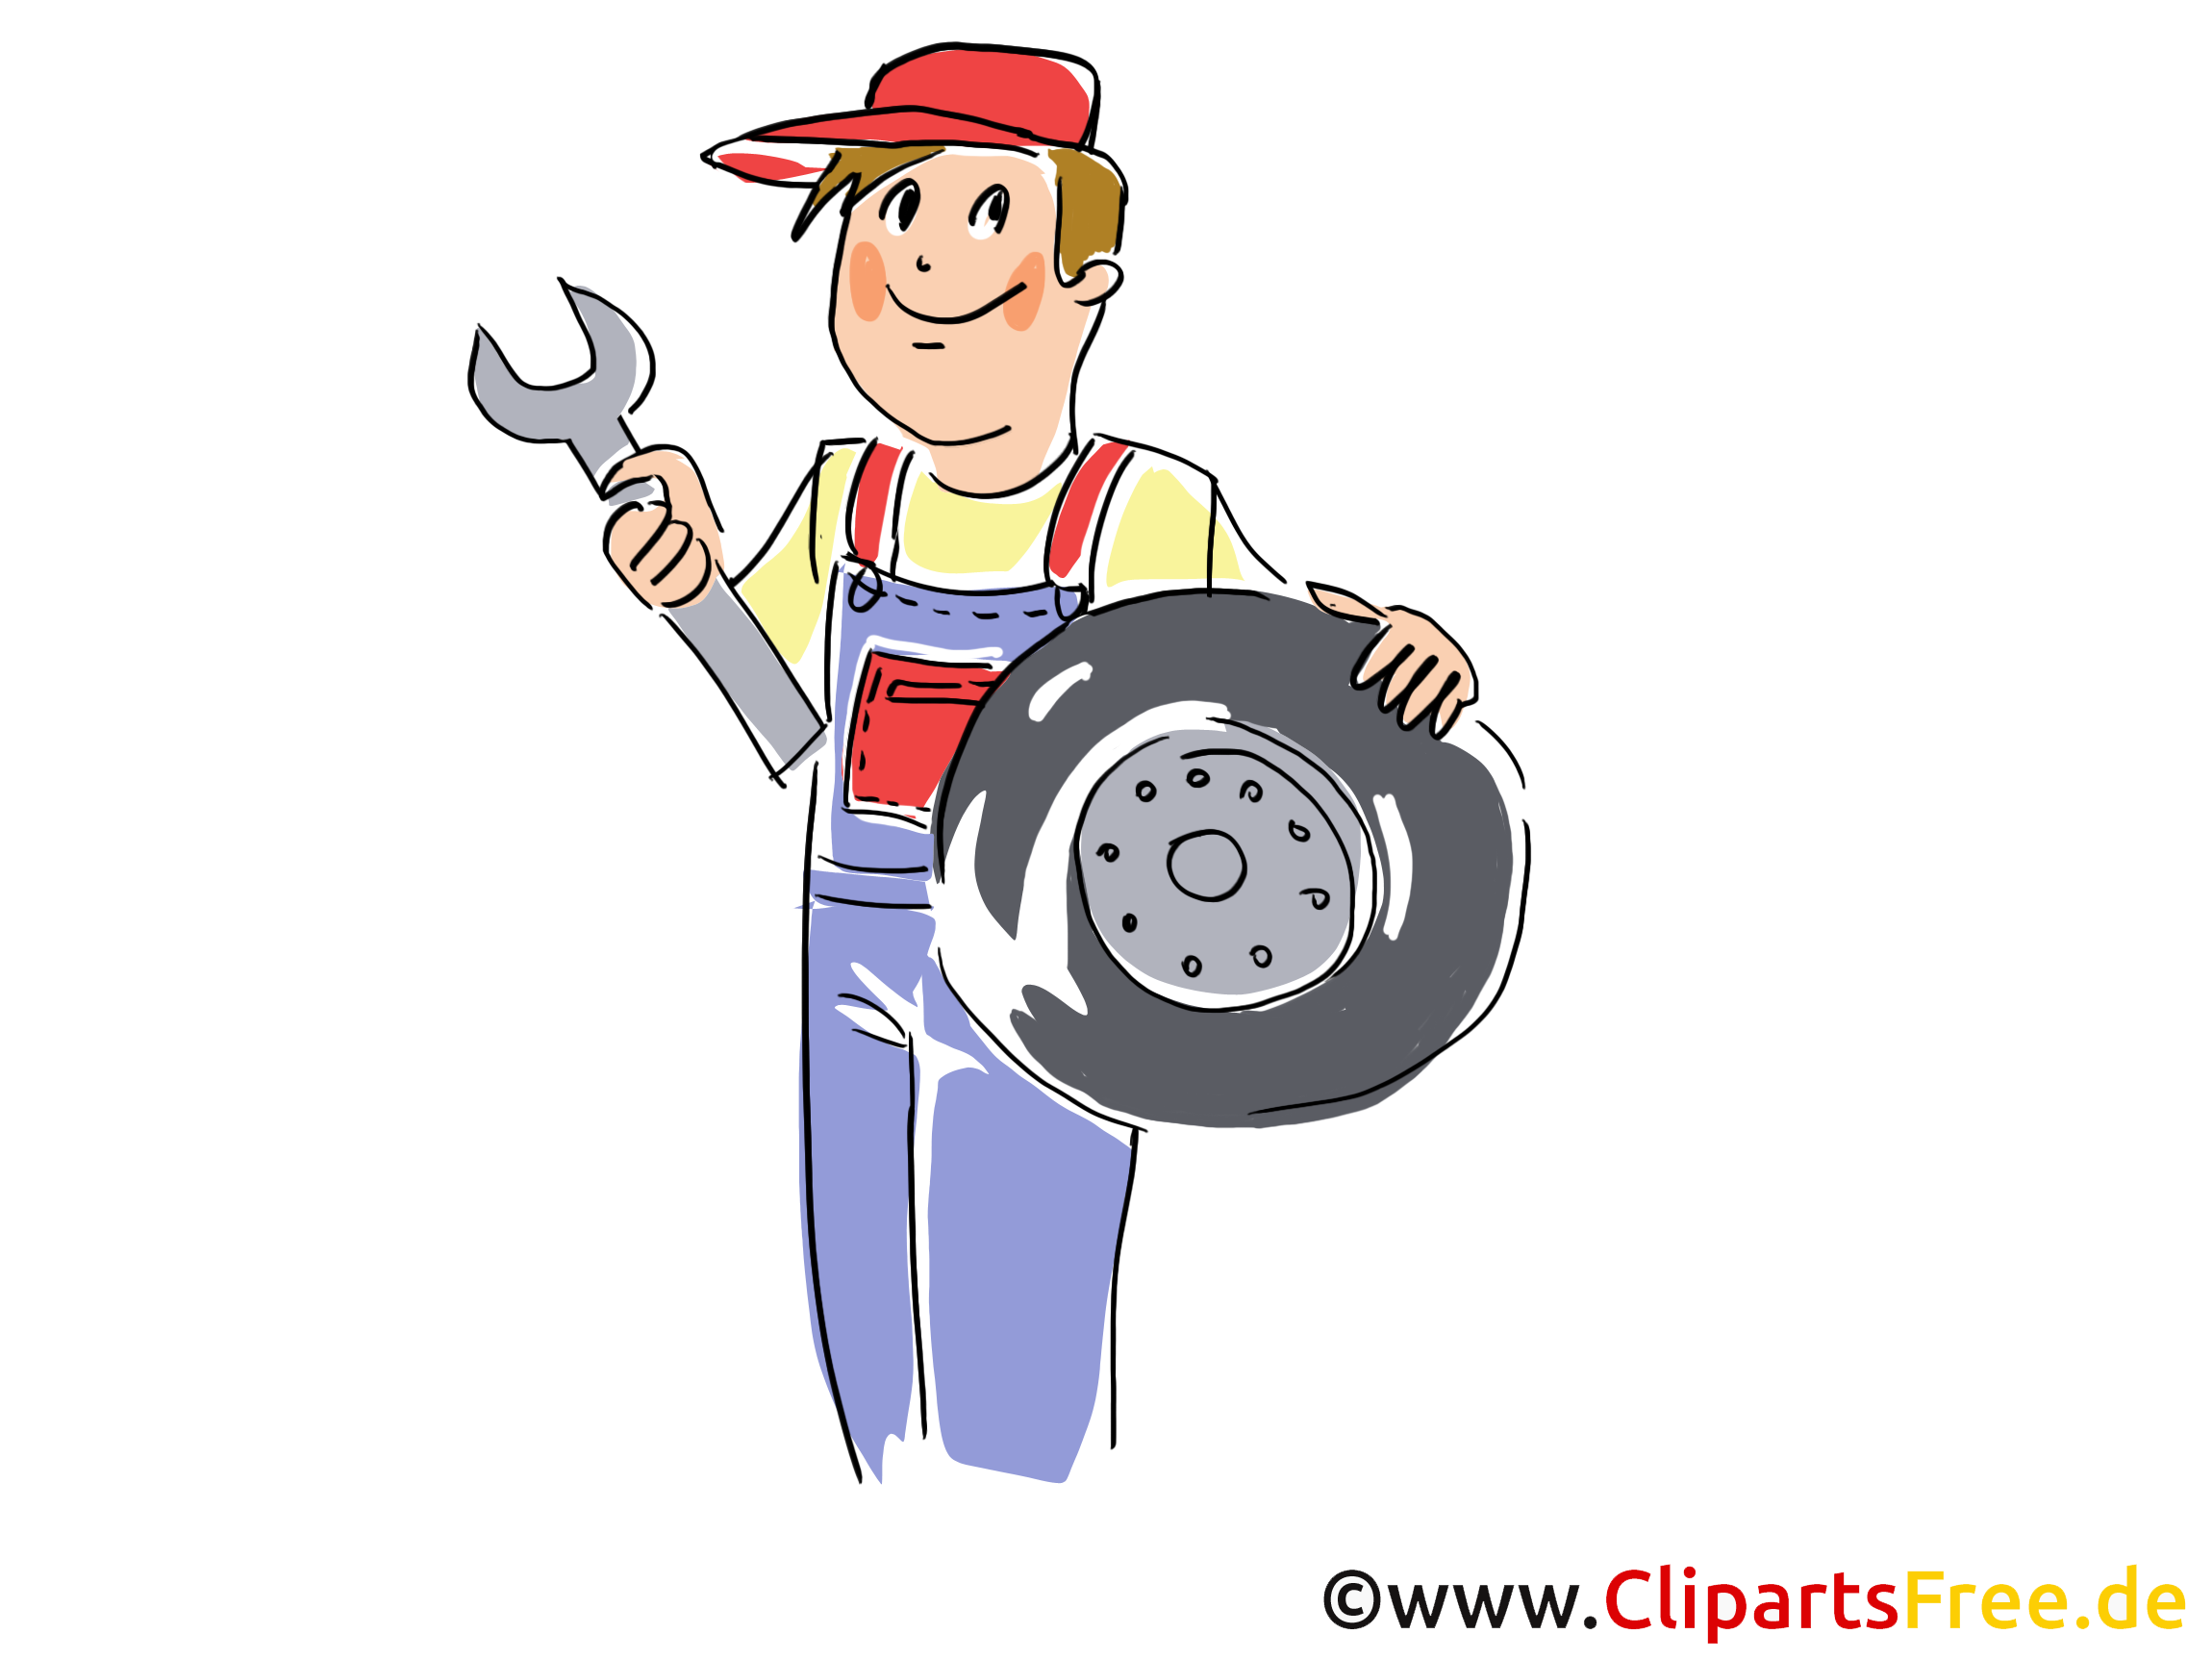 Reifenwechsel, Reifenservice Clipart, Bild, Grafik, Cartoon, Illustration gratis